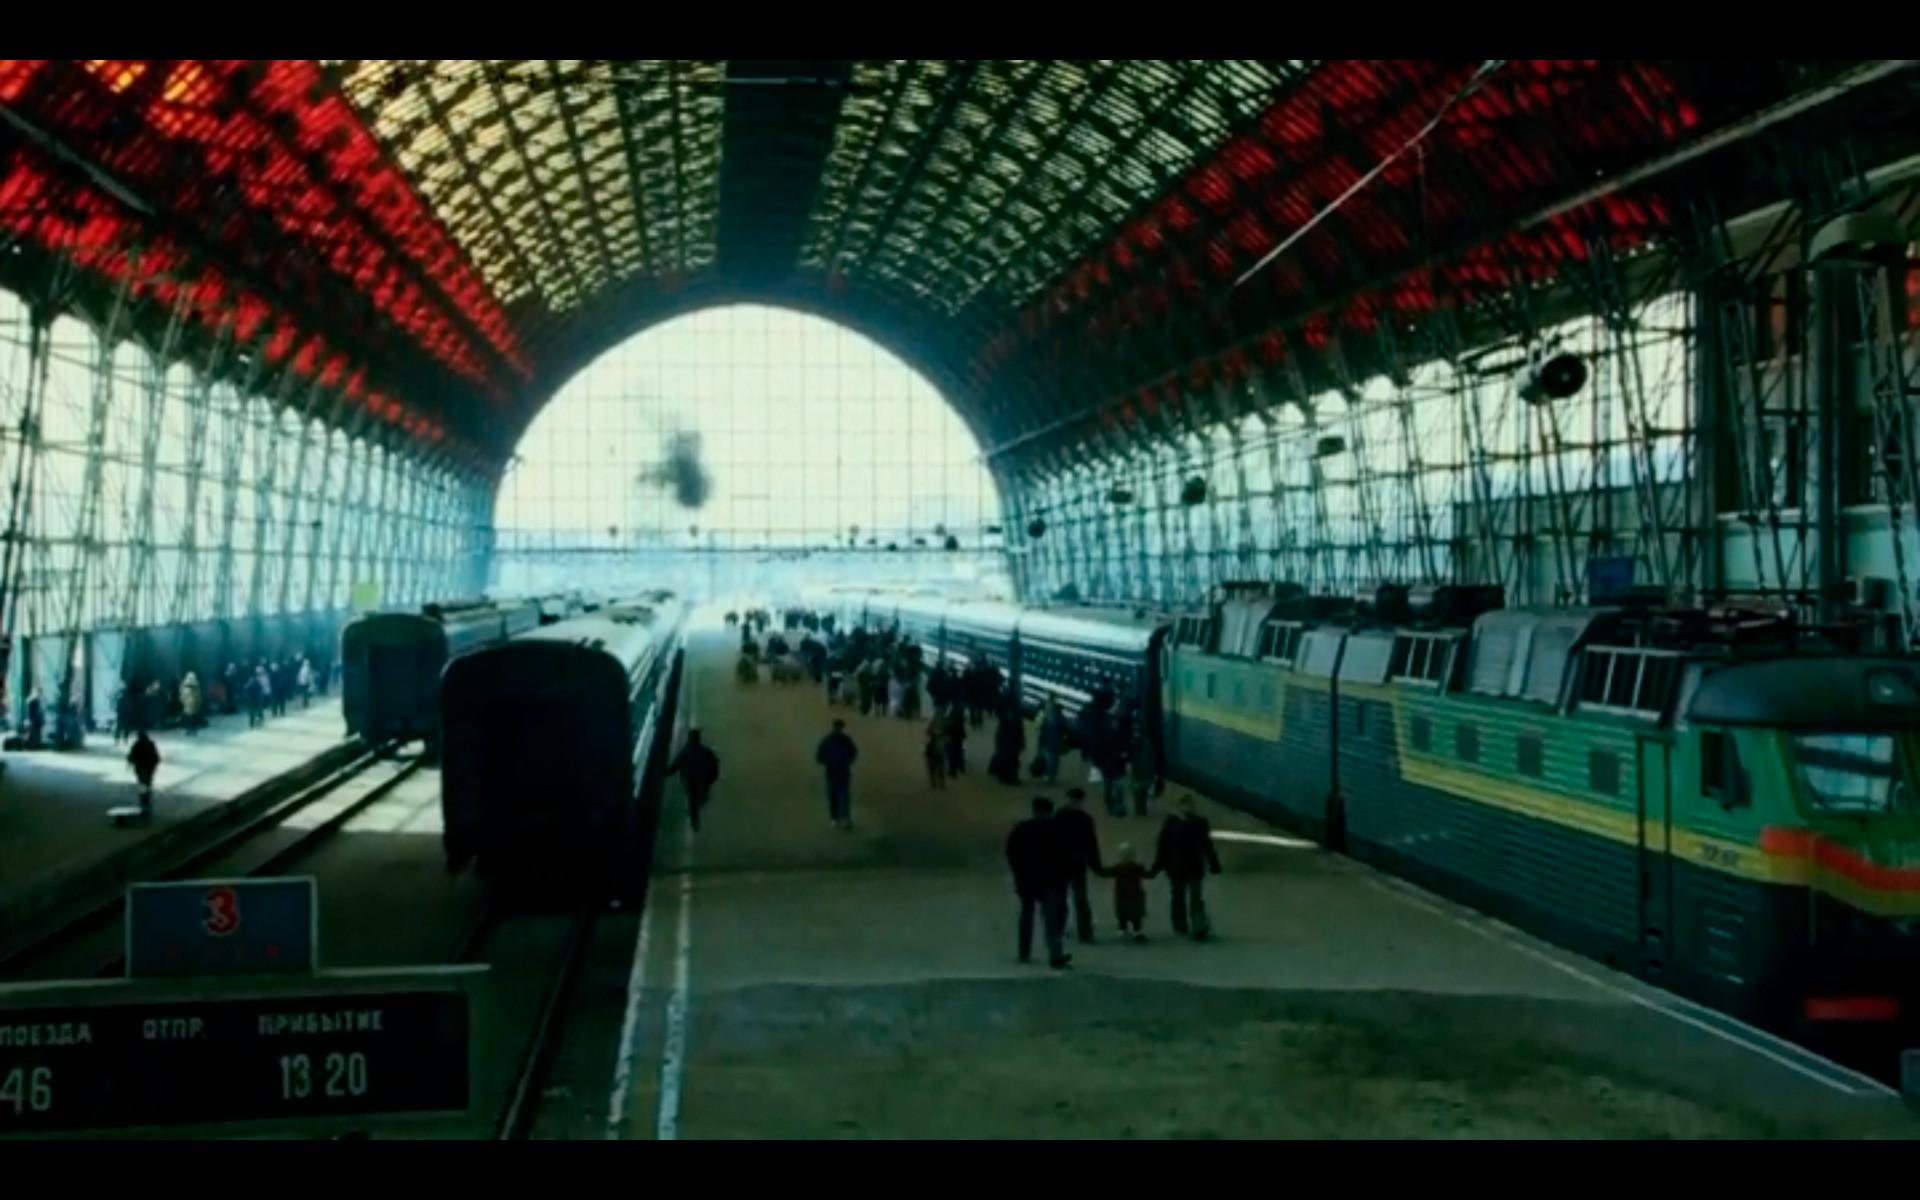 La verdadera estación de tren de Kievski, a donde Bourne llega en algún momento del año 2004